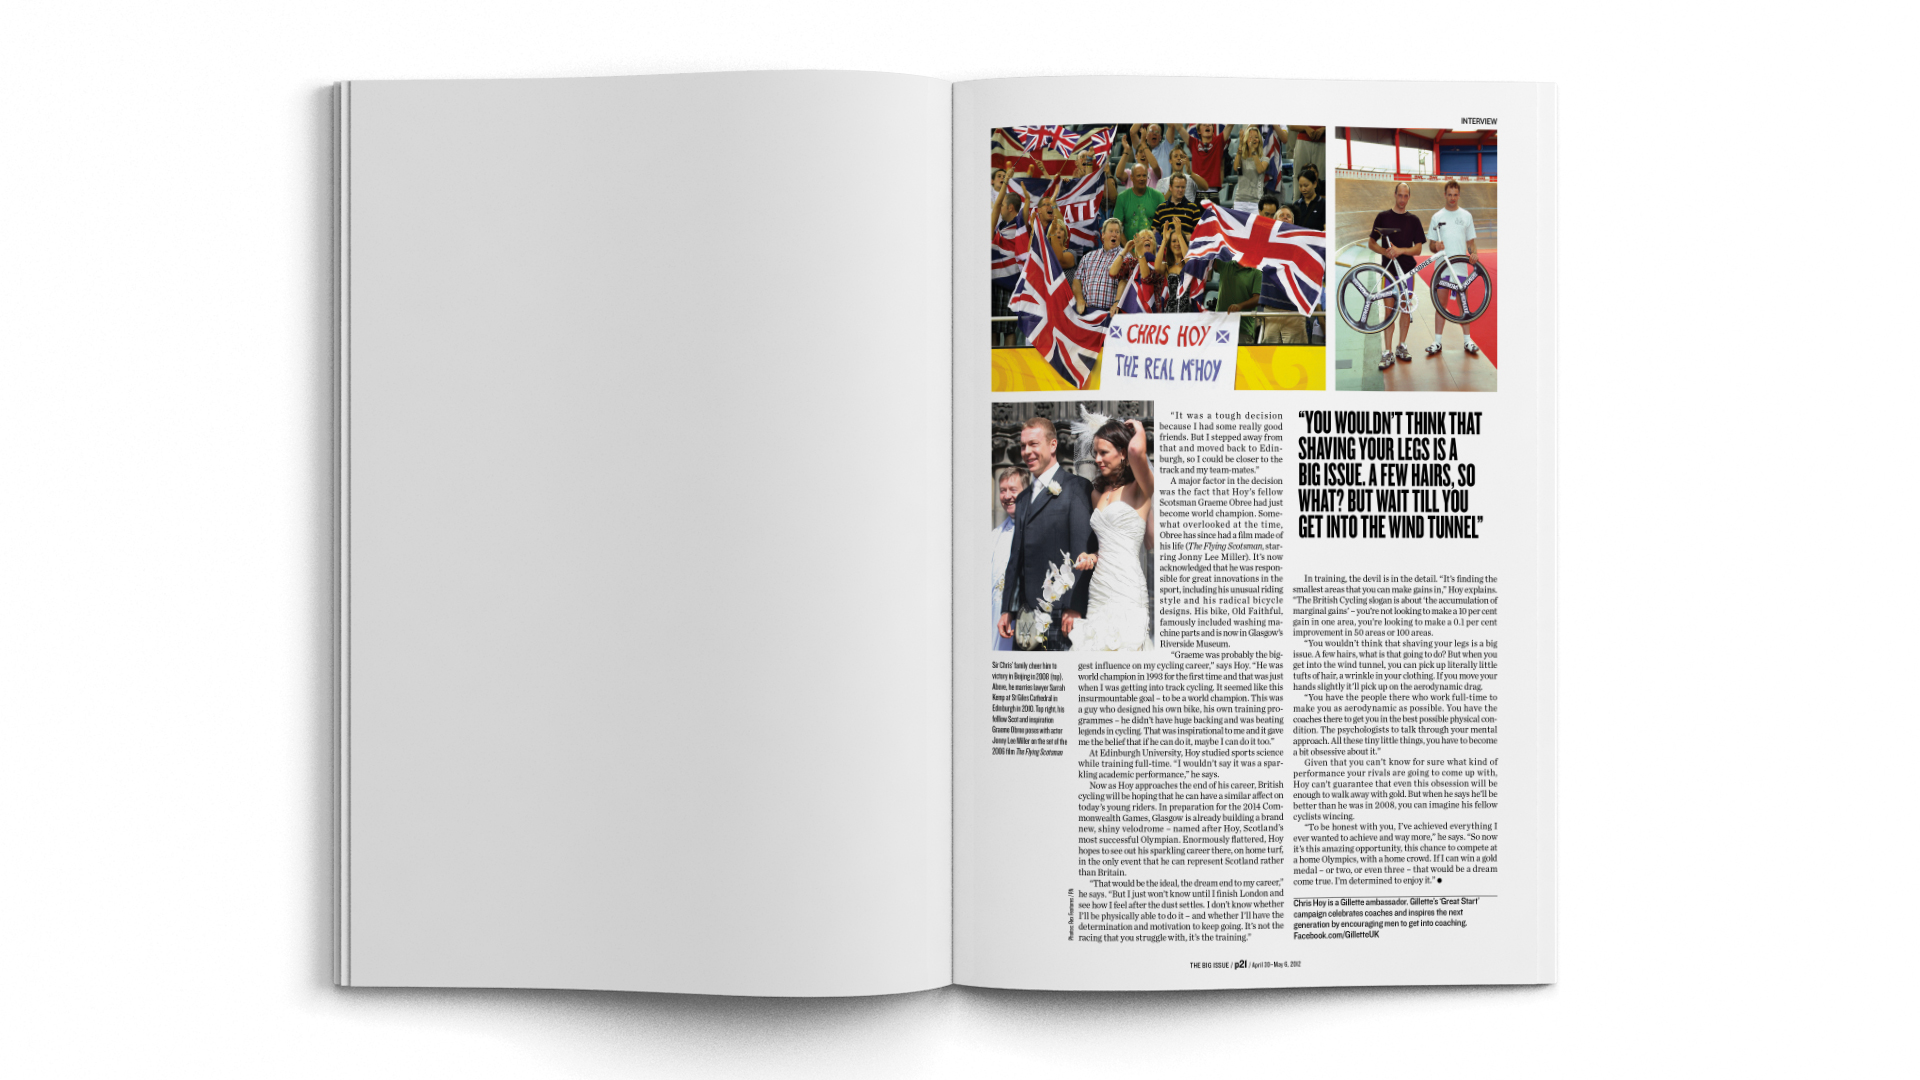 A4-Magazine-DPS-TBI-Chris-Hoy-5